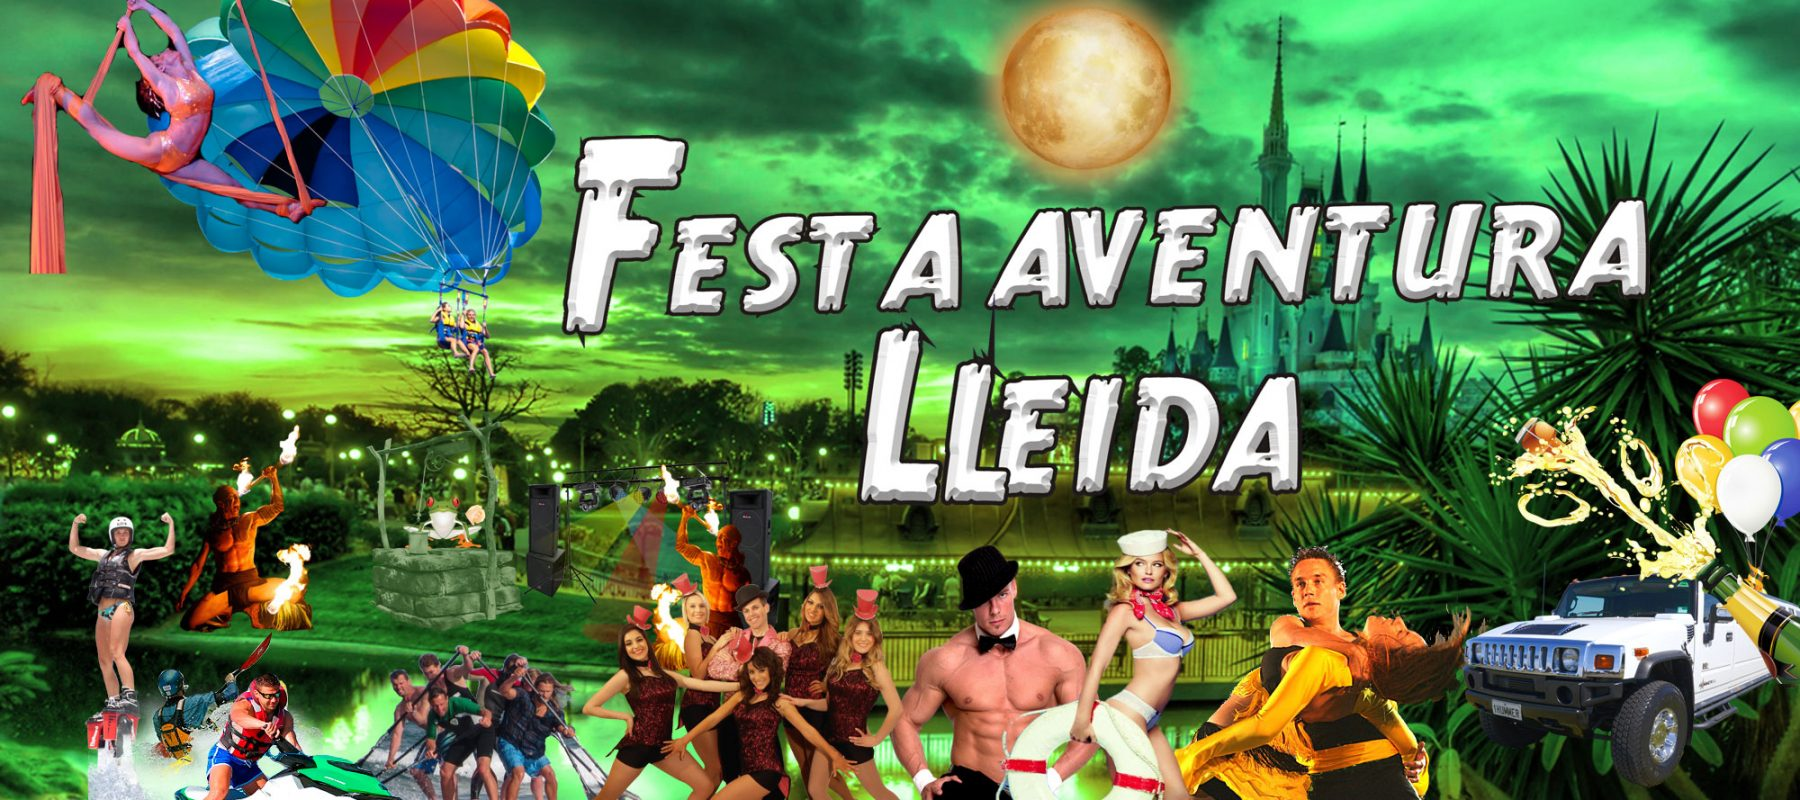 Festa Aventura Lleida